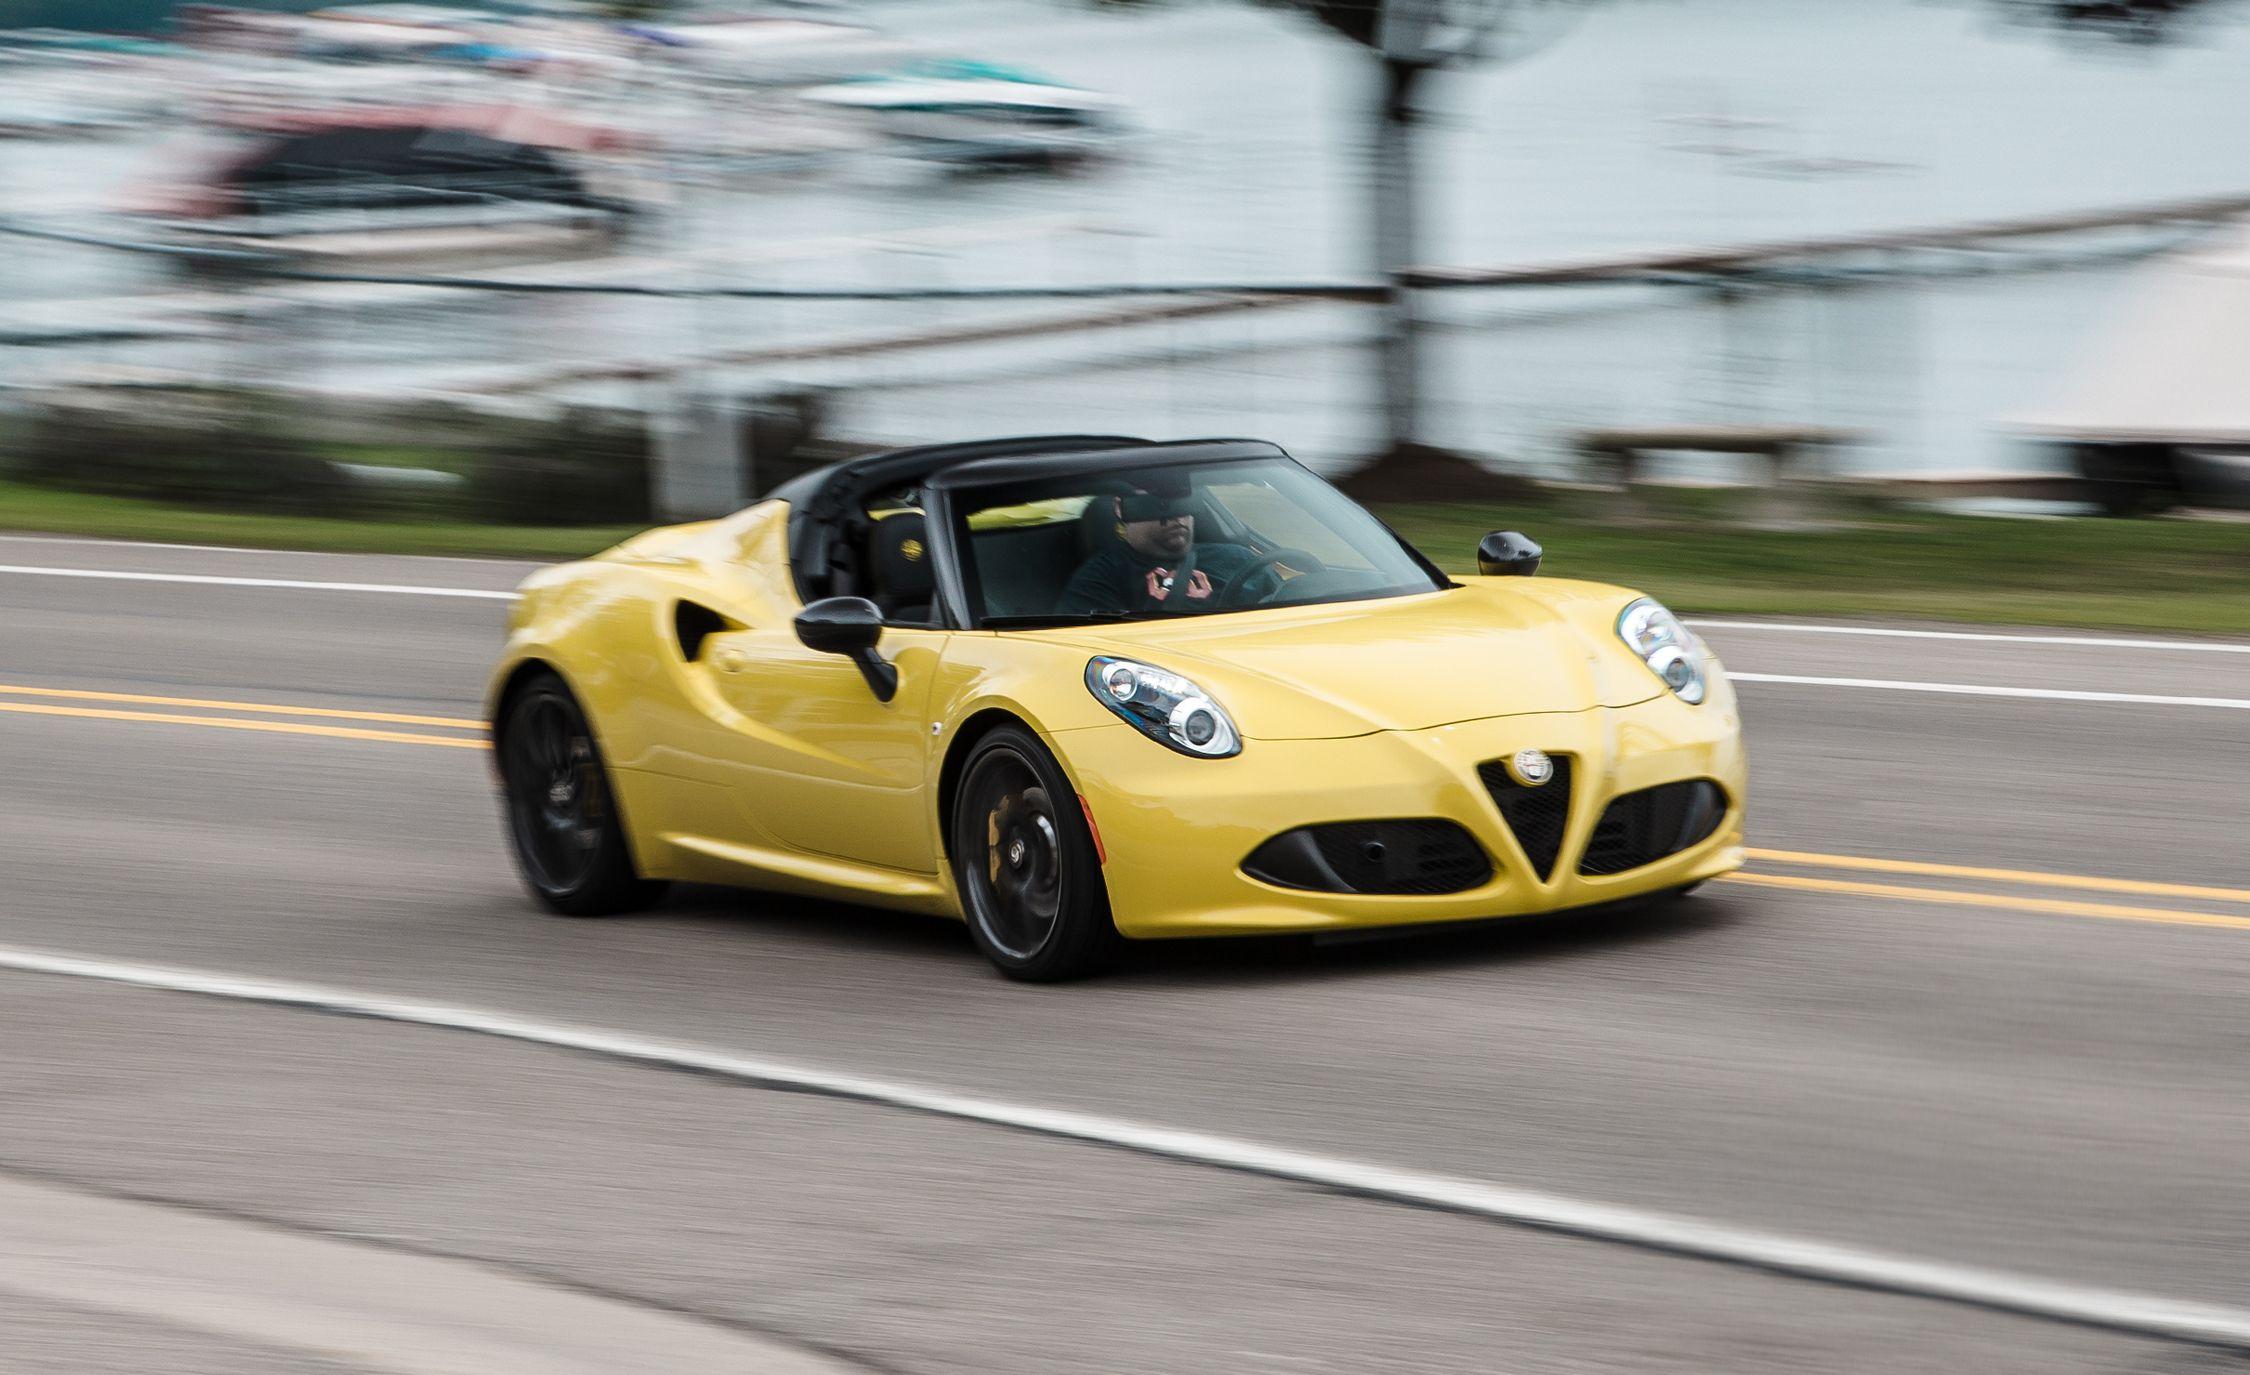 Alfa Romeo 4C Reviews   Alfa Romeo 4C Price, Photos, and Specs   Car ...